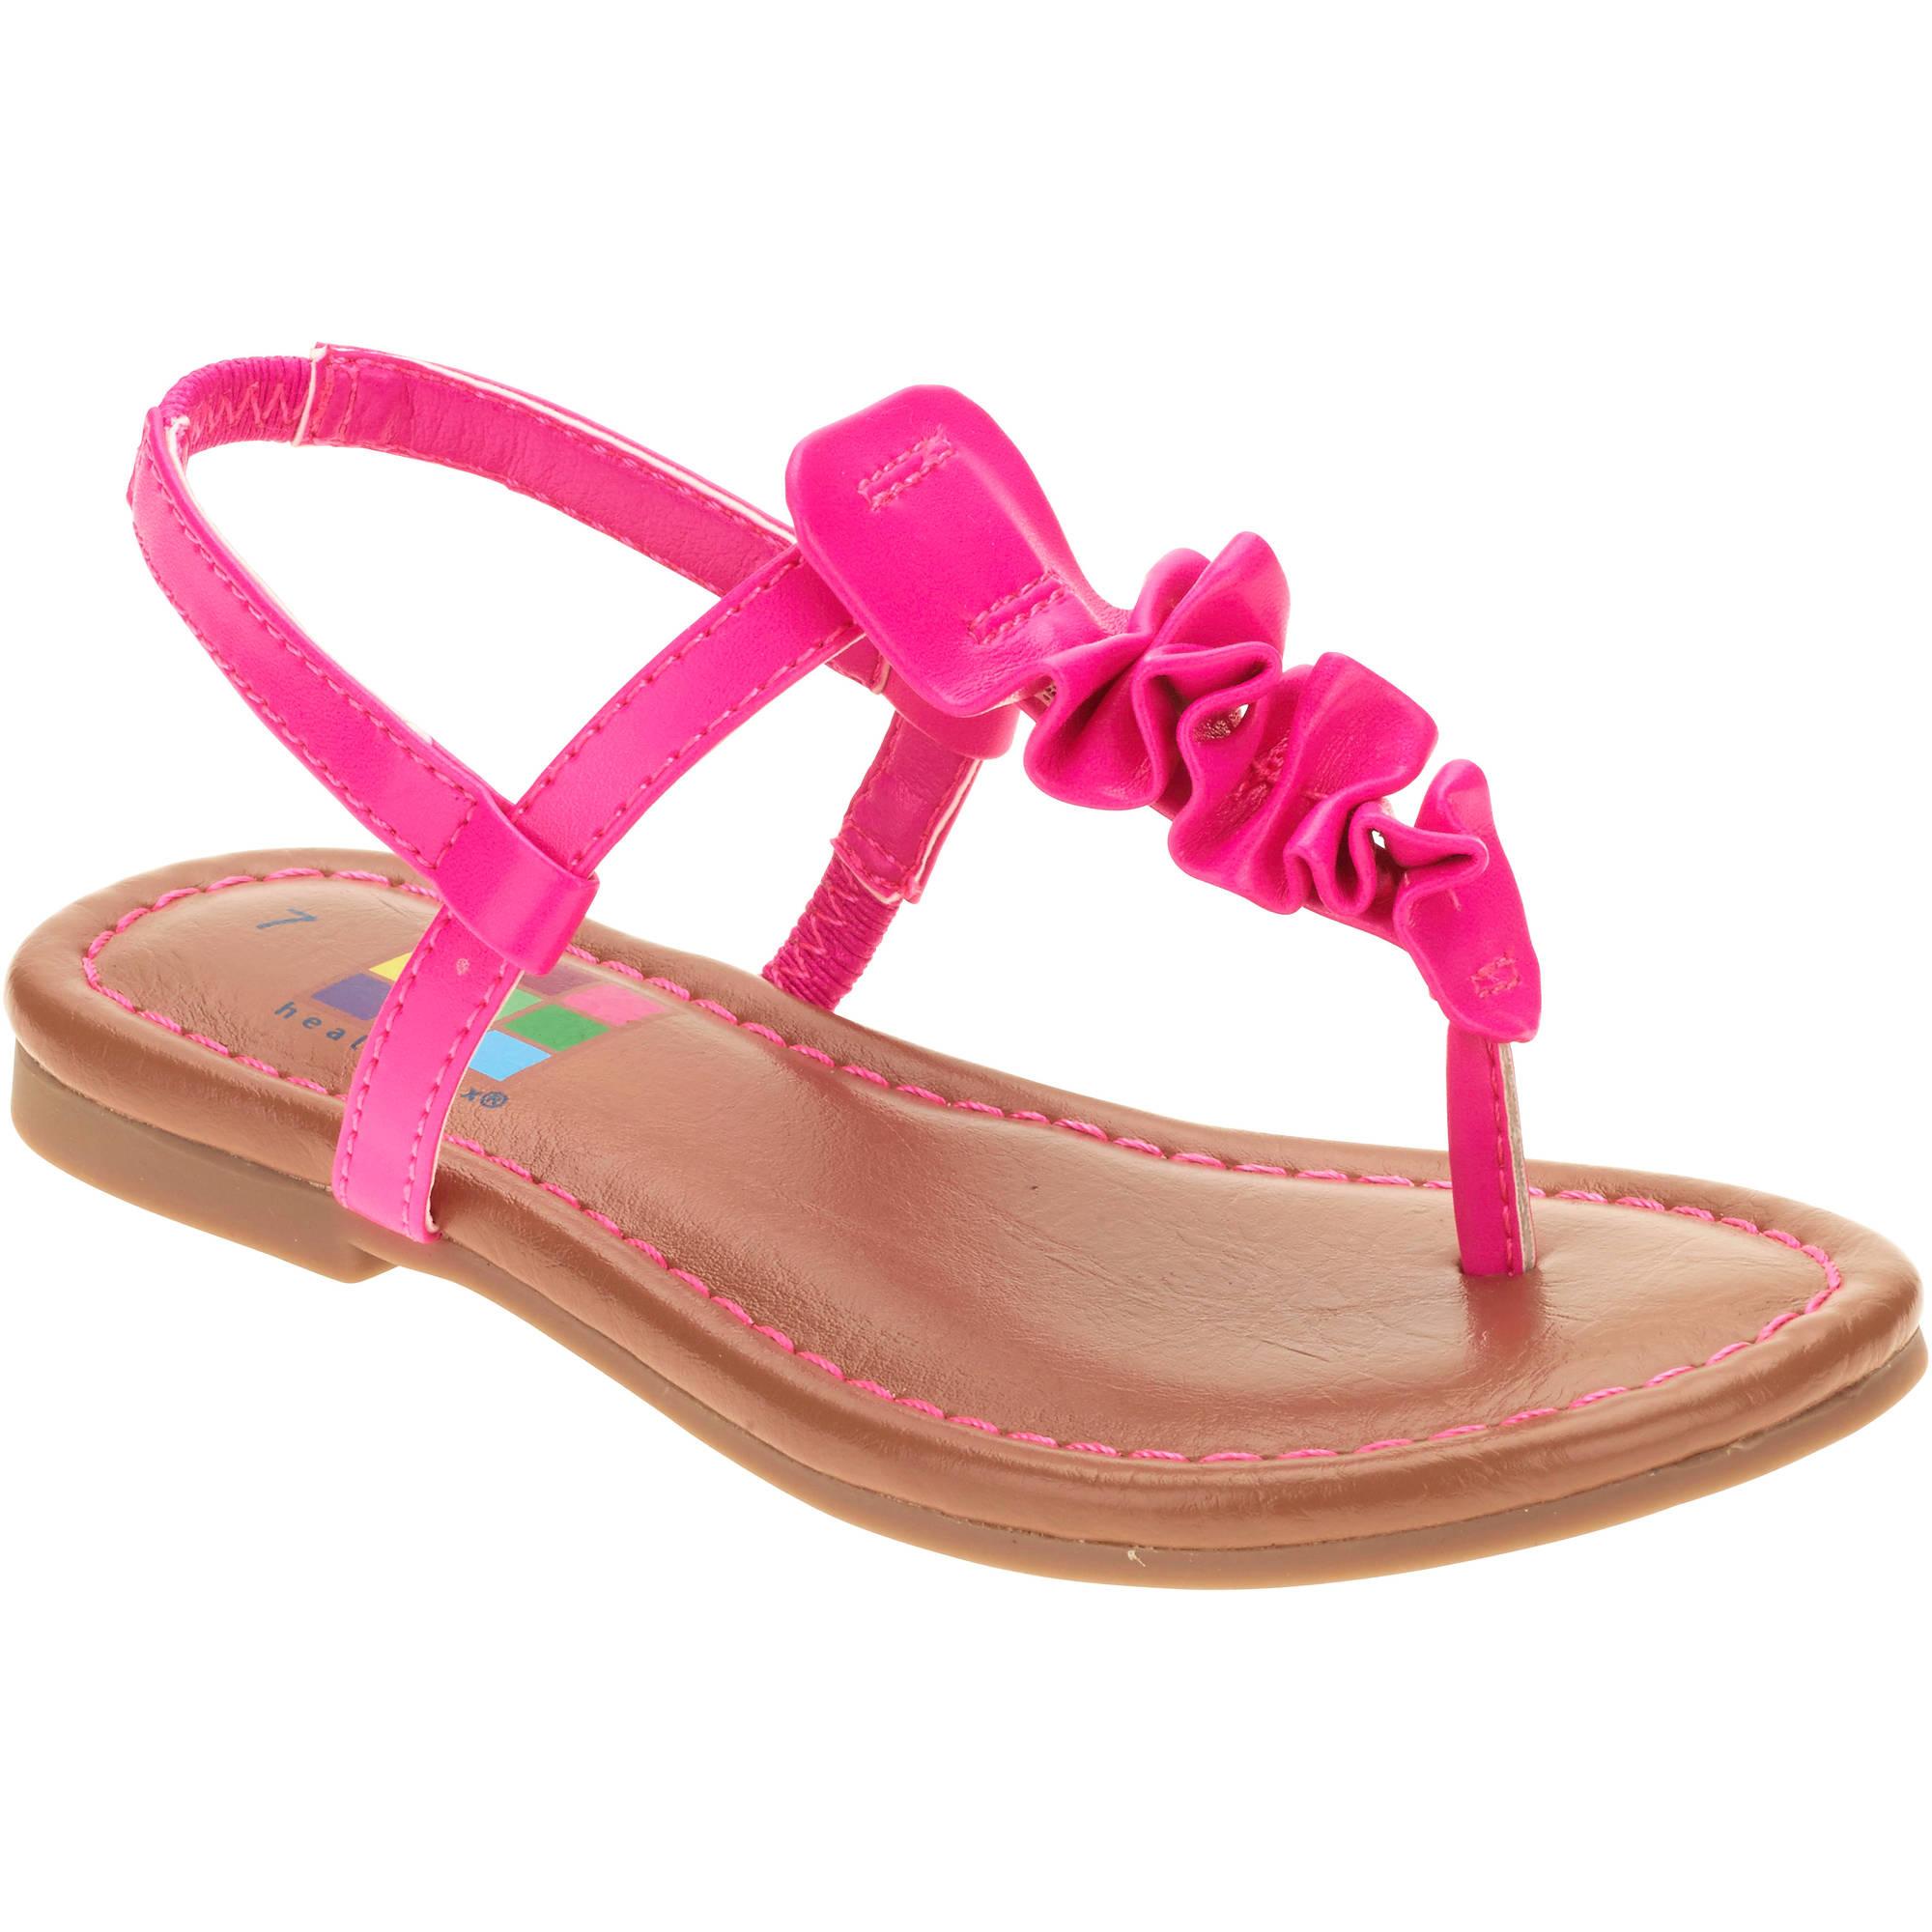 Healthtex Girls' Toddler Ruffle Toe Sandal